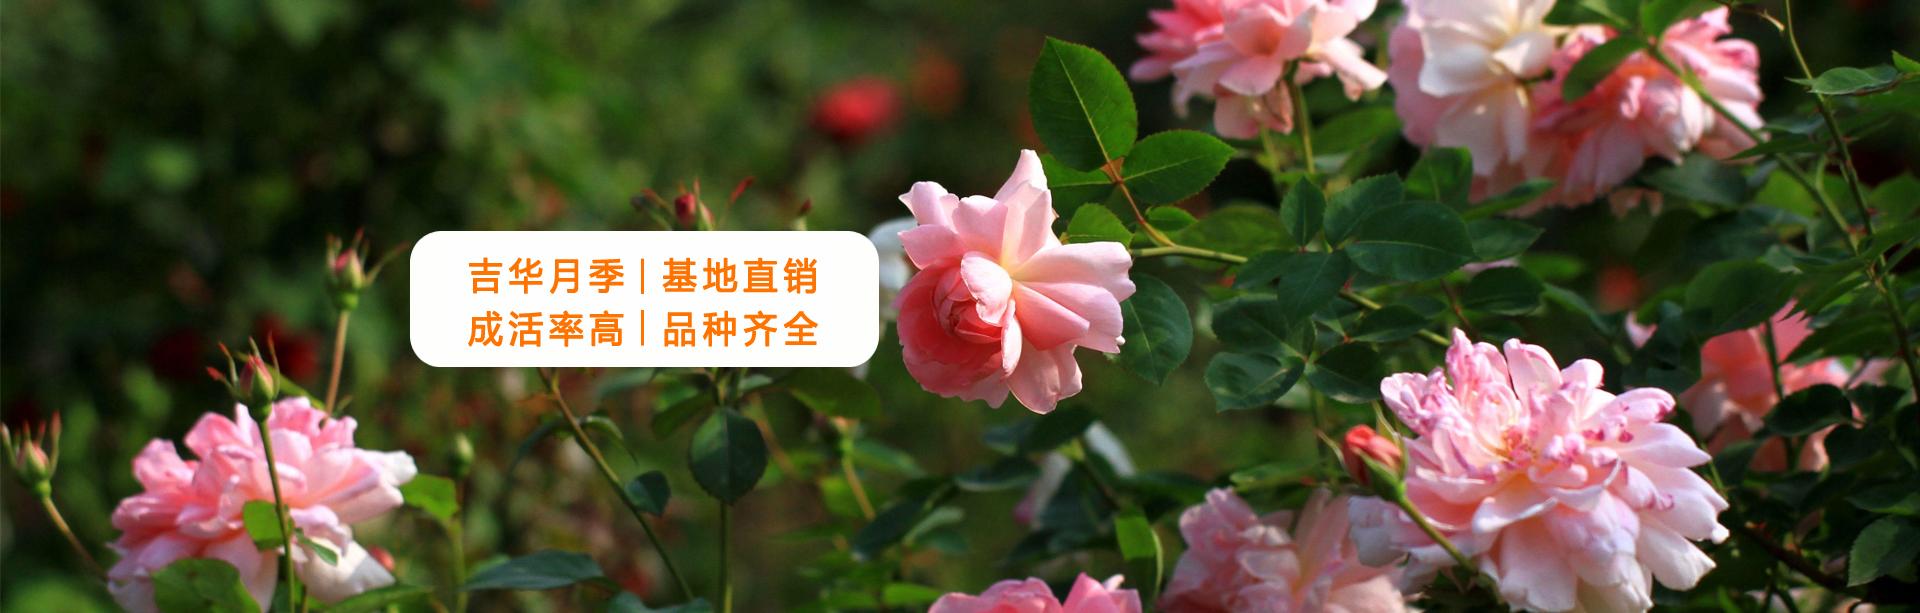 大花树状月季